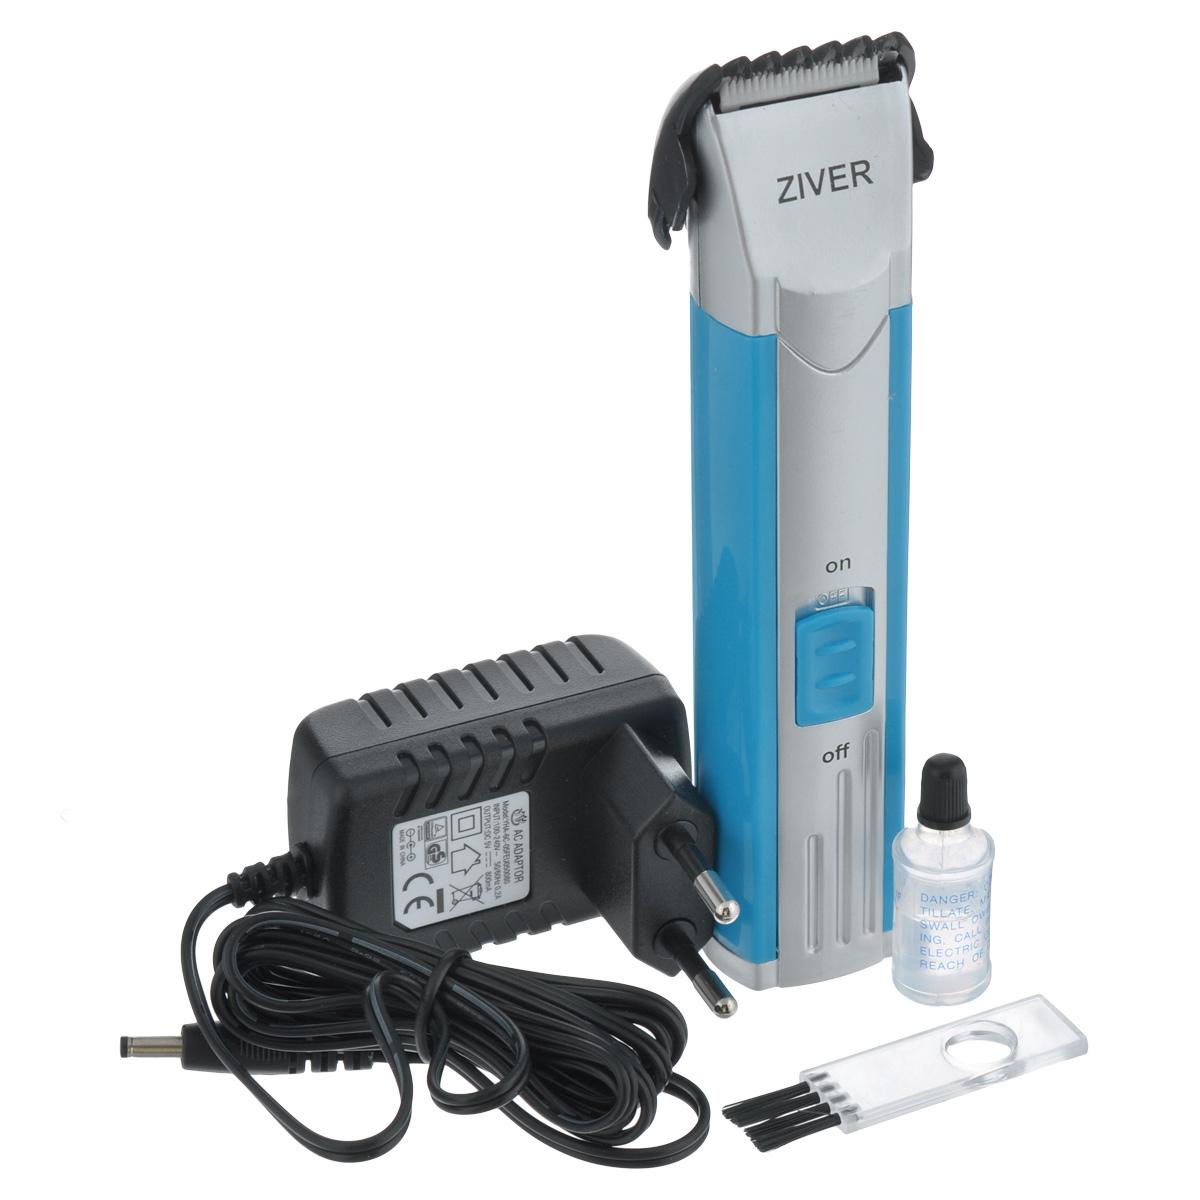 Триммер аккумуляторный Ziver-205 для стрижки животных, цвет: серый